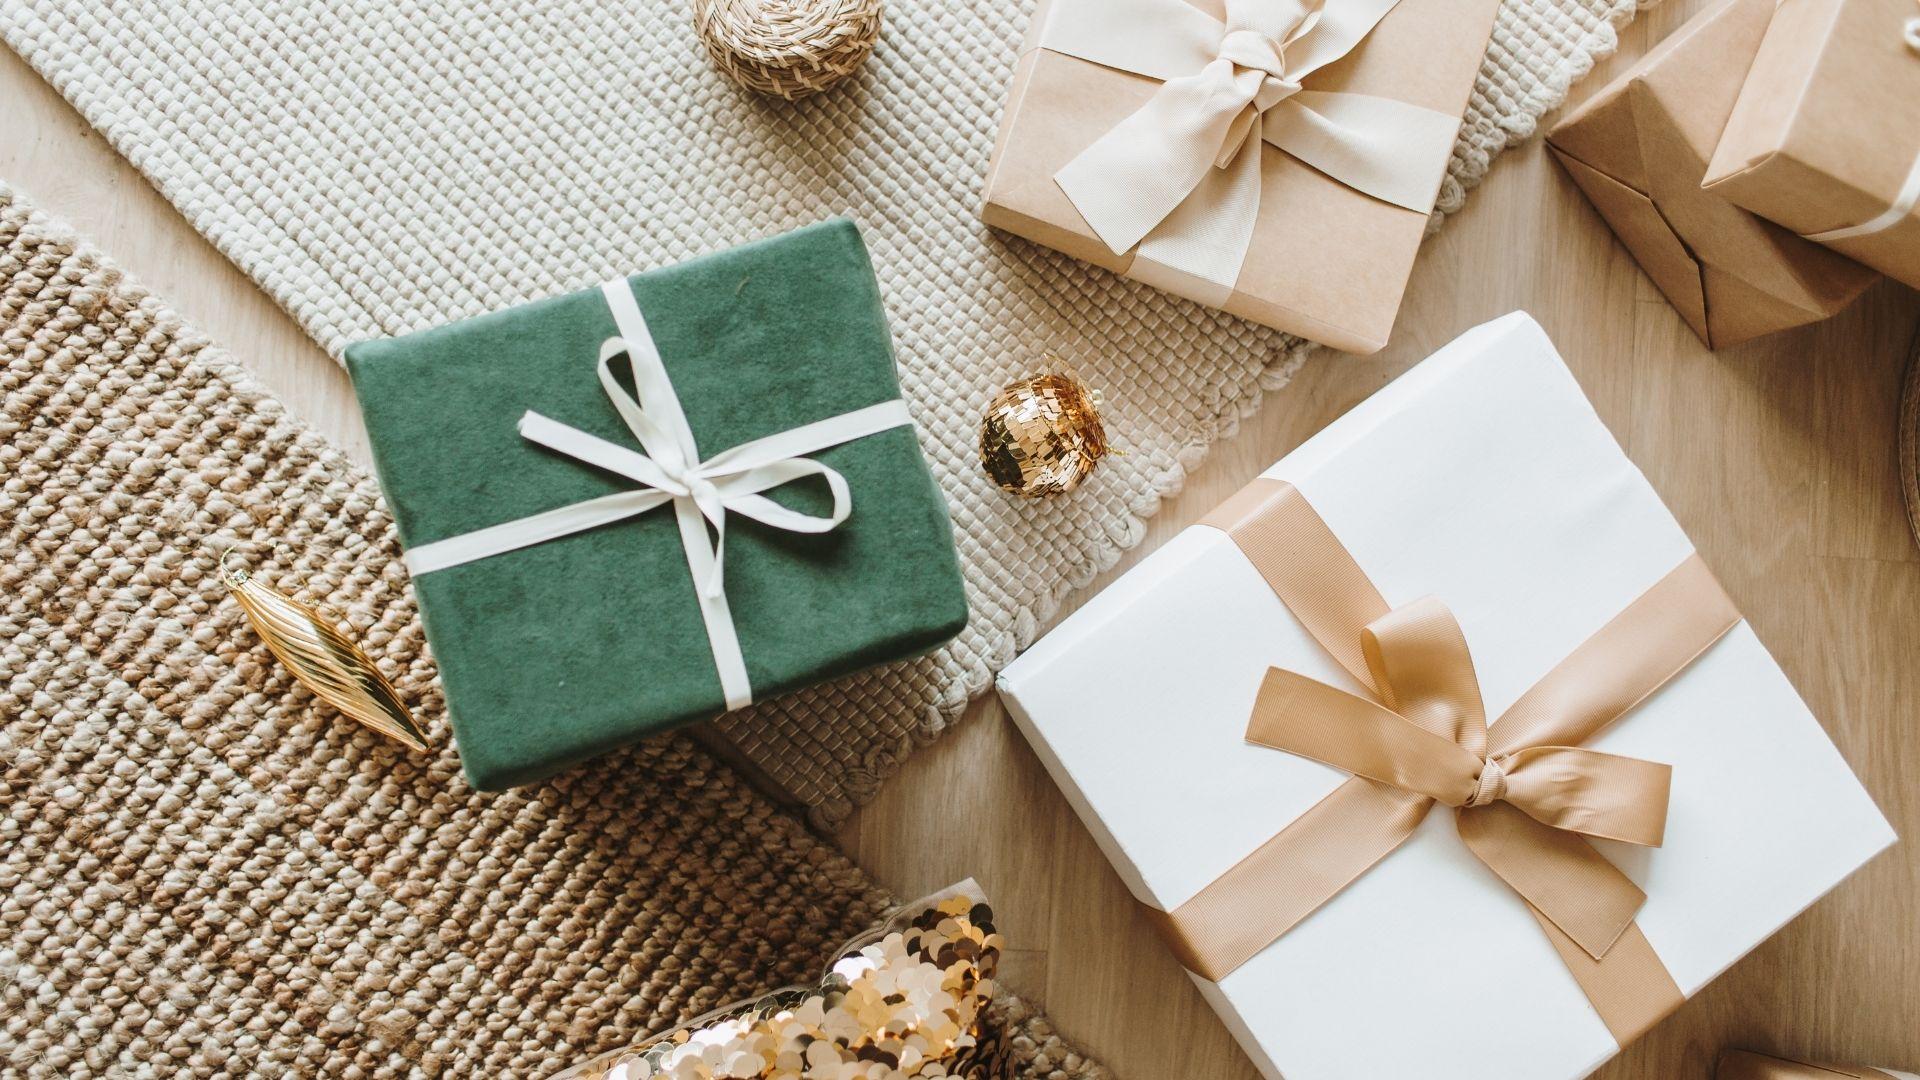 Tipy na vánoční dárky, které potěší každého